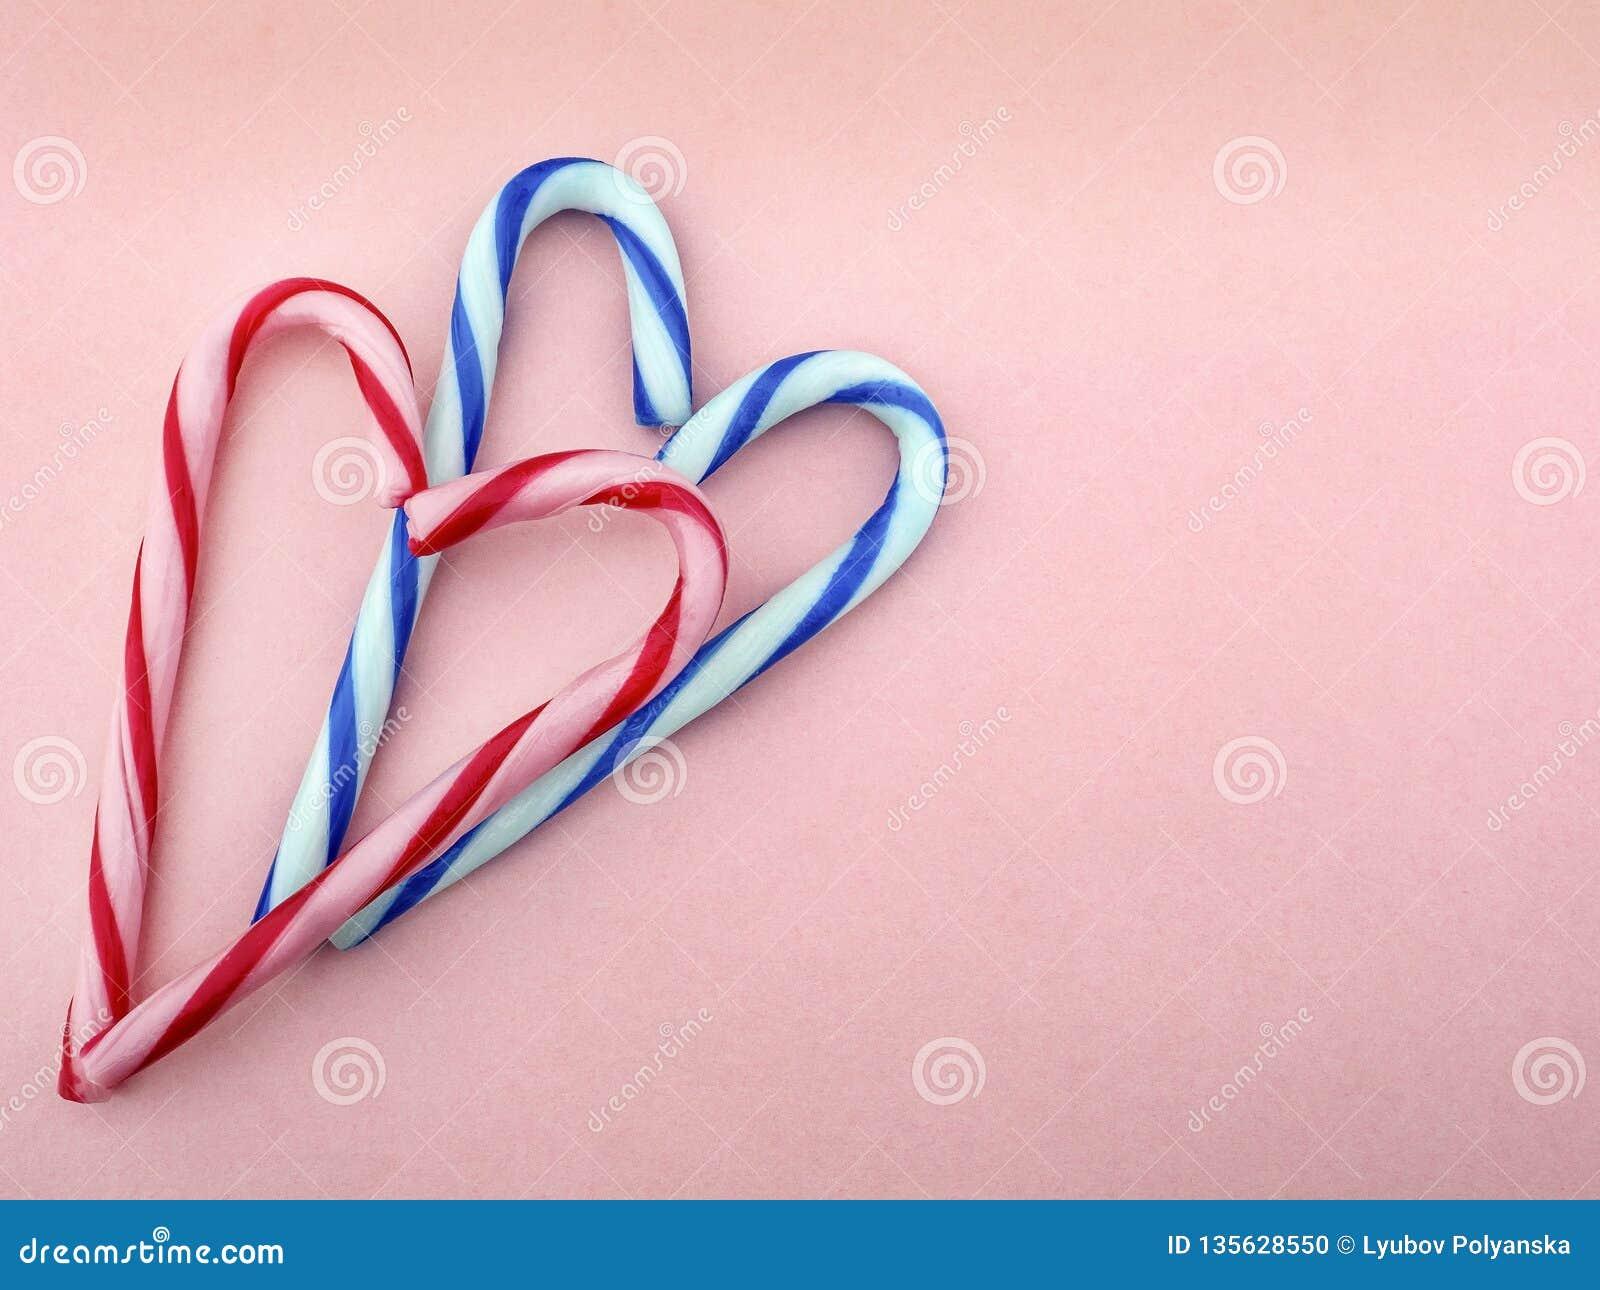 Caramelo en blanco y rosado y en las rayas blancas y azules dobladas en la forma de corazones en un fondo rosado